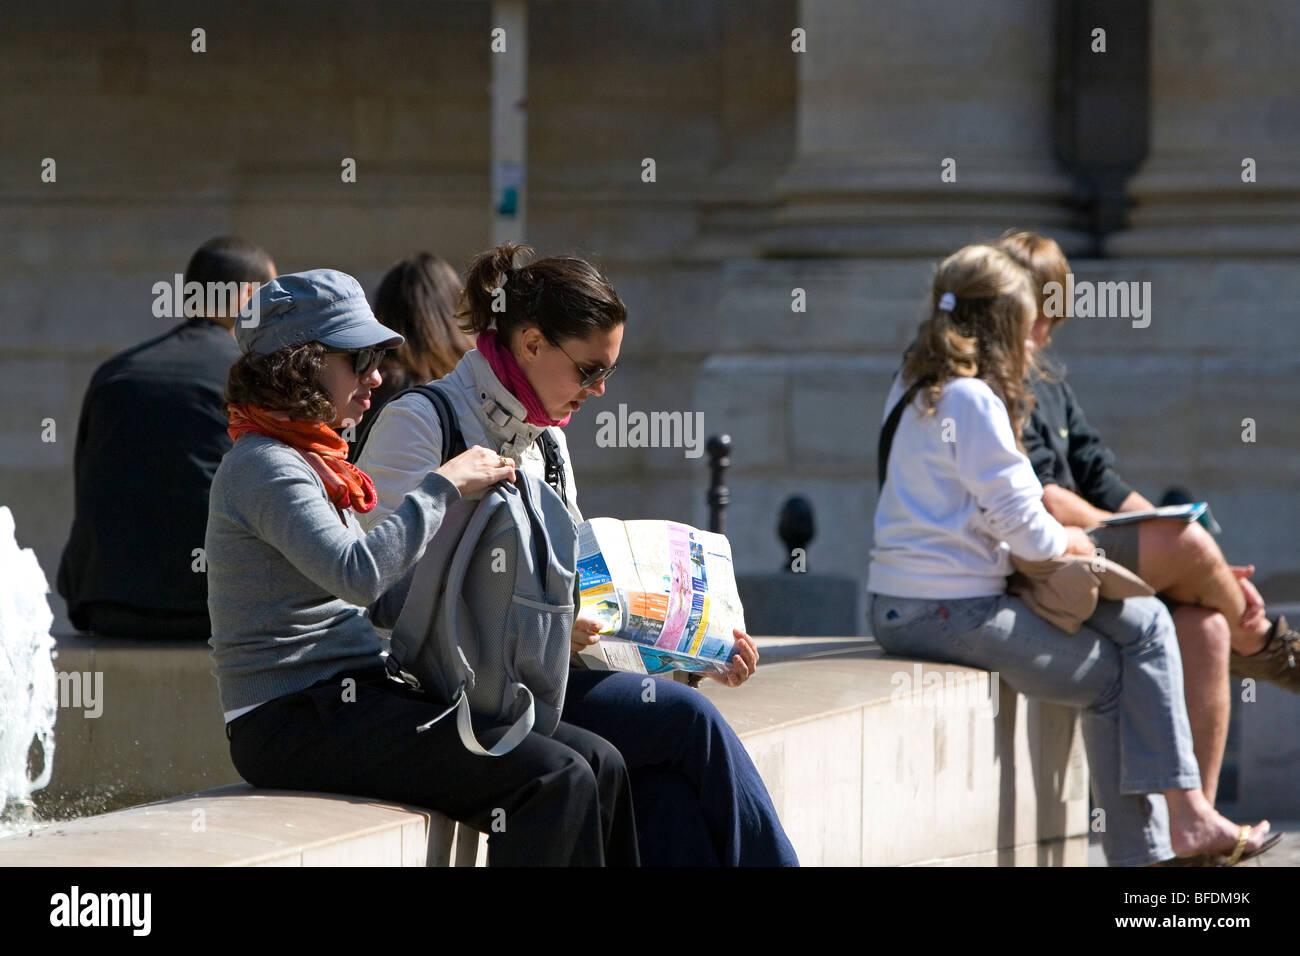 Studieren in der Nähe der Sorbonne in Paris, Frankreich. Stockbild